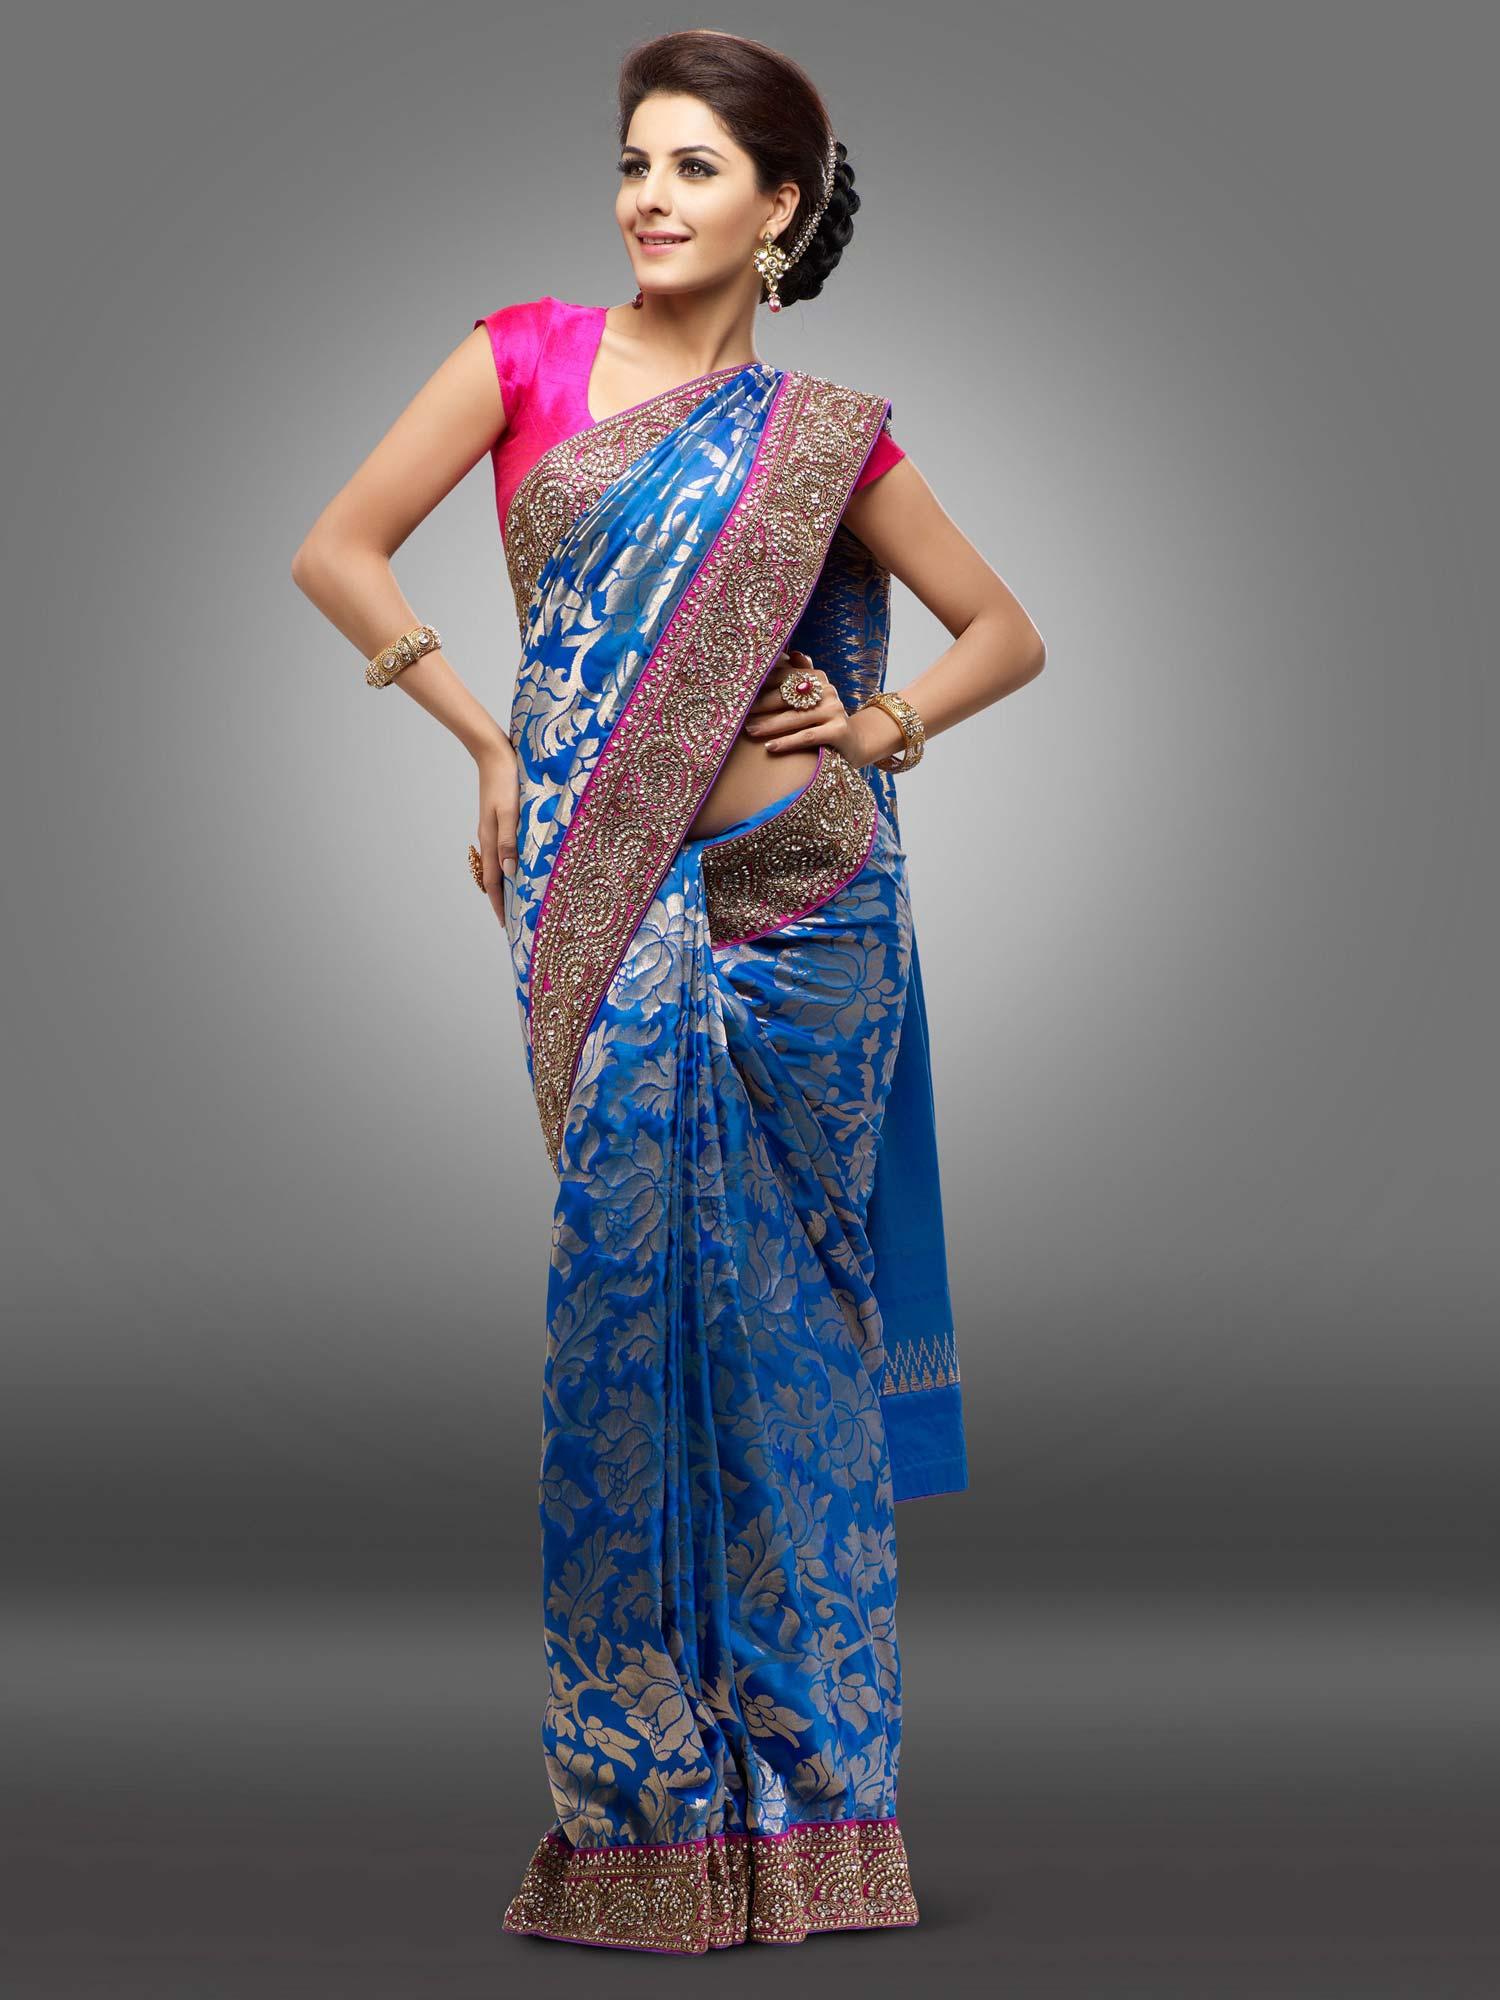 Isha talwar saree pictures